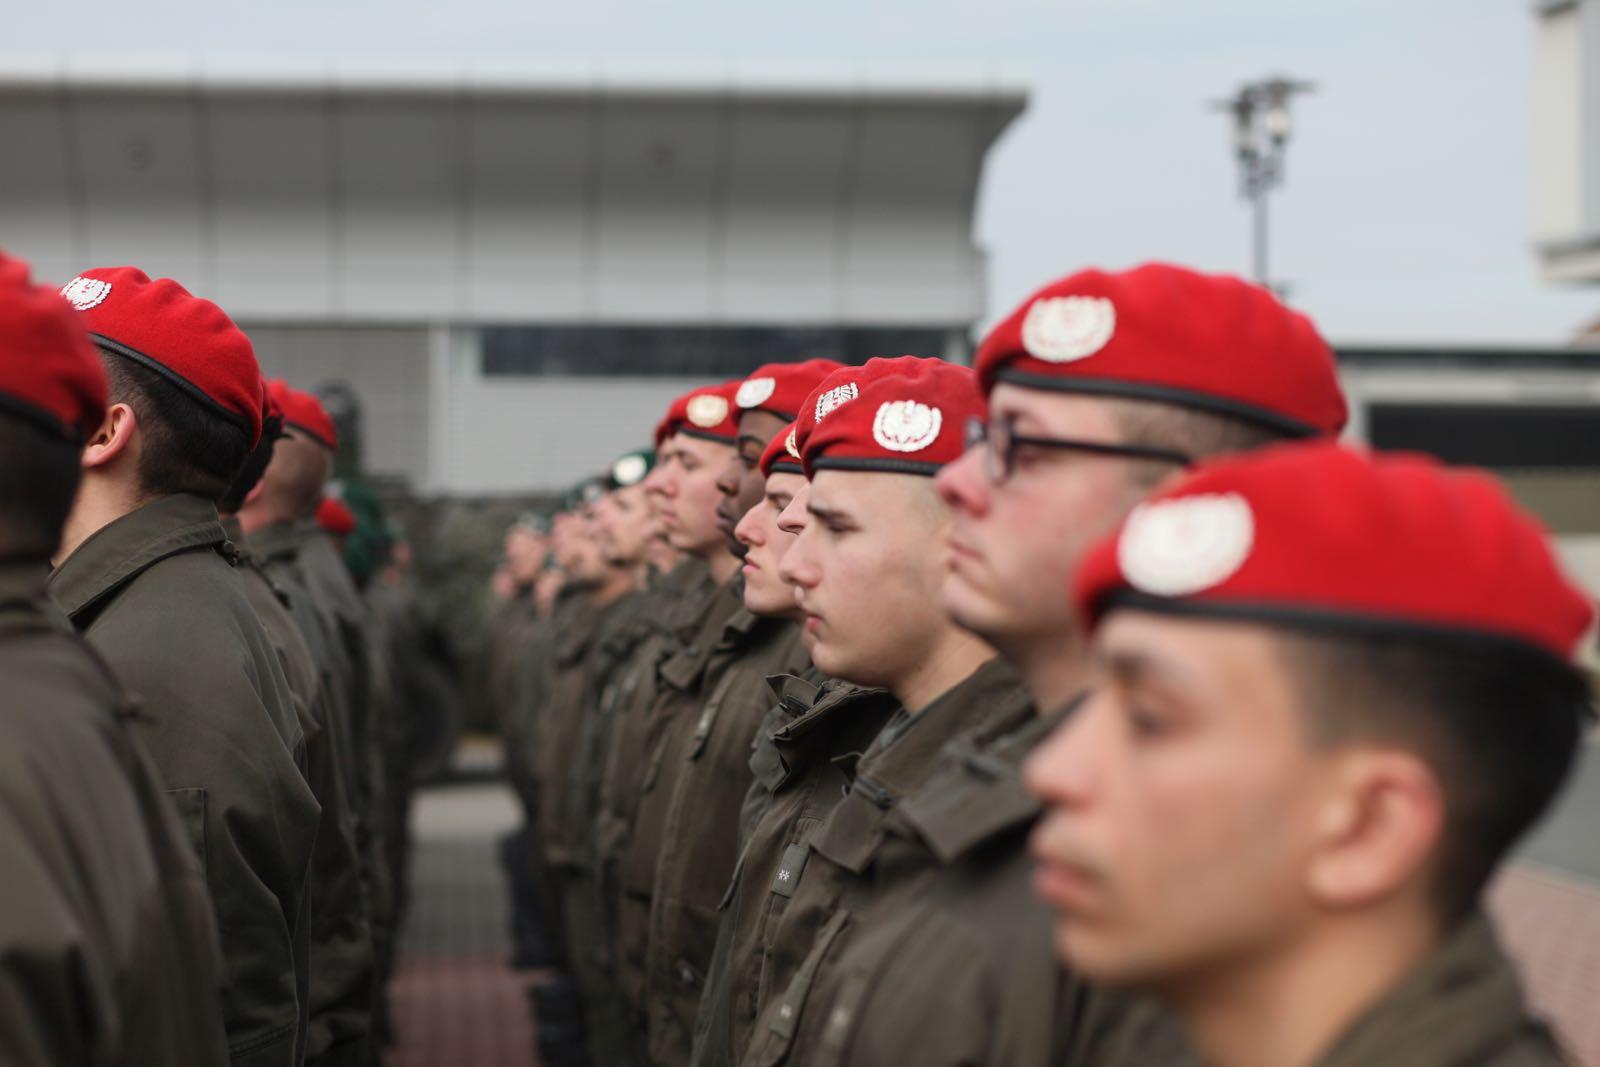 2019_02_08_5Gardekompanie_KPE_EUFOR30_Verabschiedung - 19 of 61